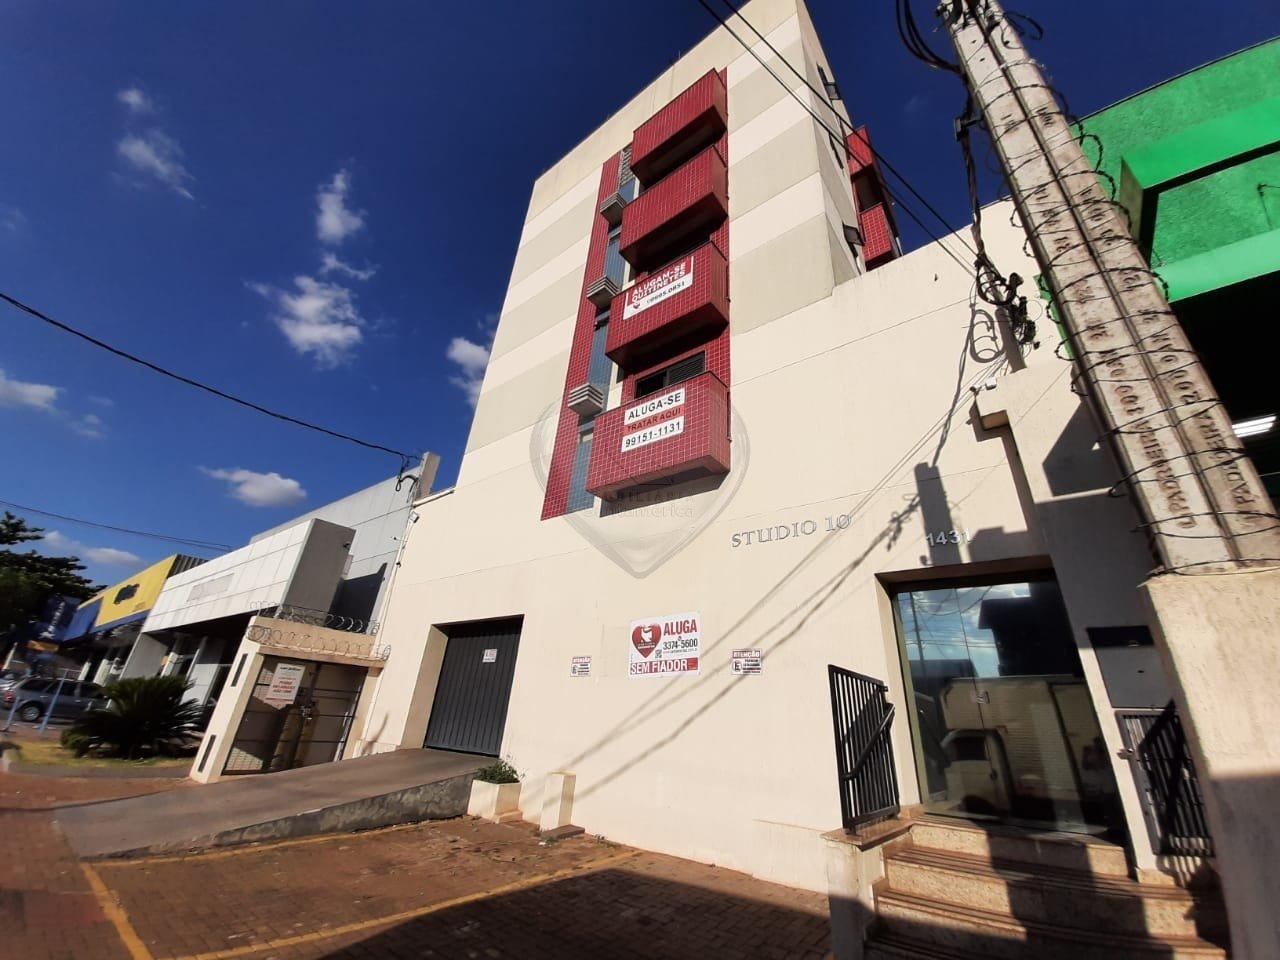 00002.032, Apartamento no Edifício Studio 10, de 1 quarto, 24 m² para alugar no Lago Igapó - Londrina/PR